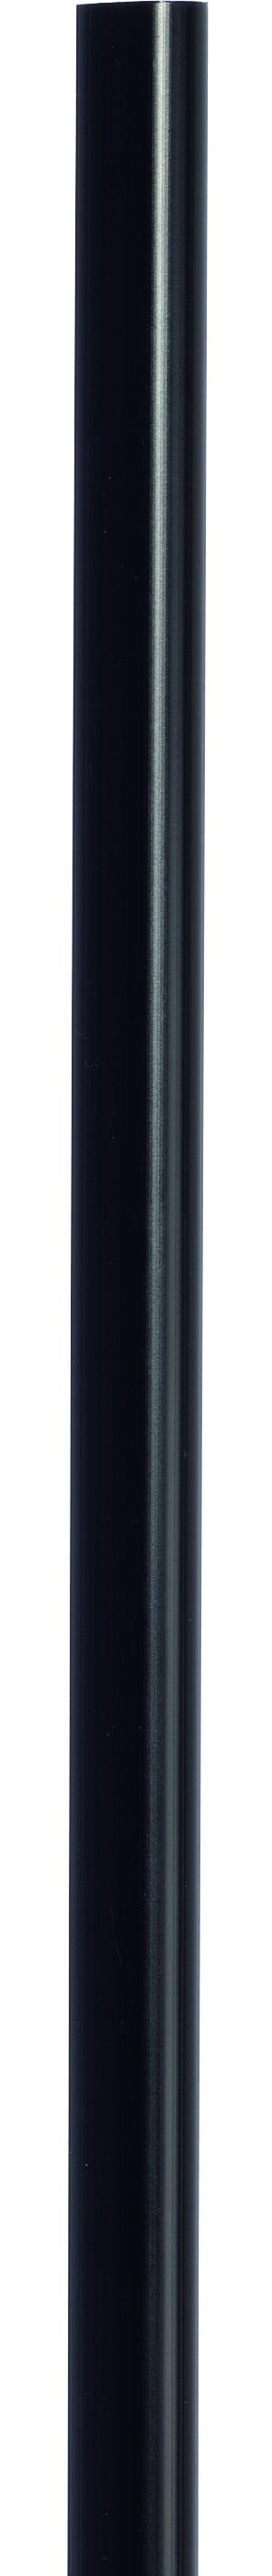 Durable Eurobar Spine Bar A4 6mm Black 305201 (PK100)